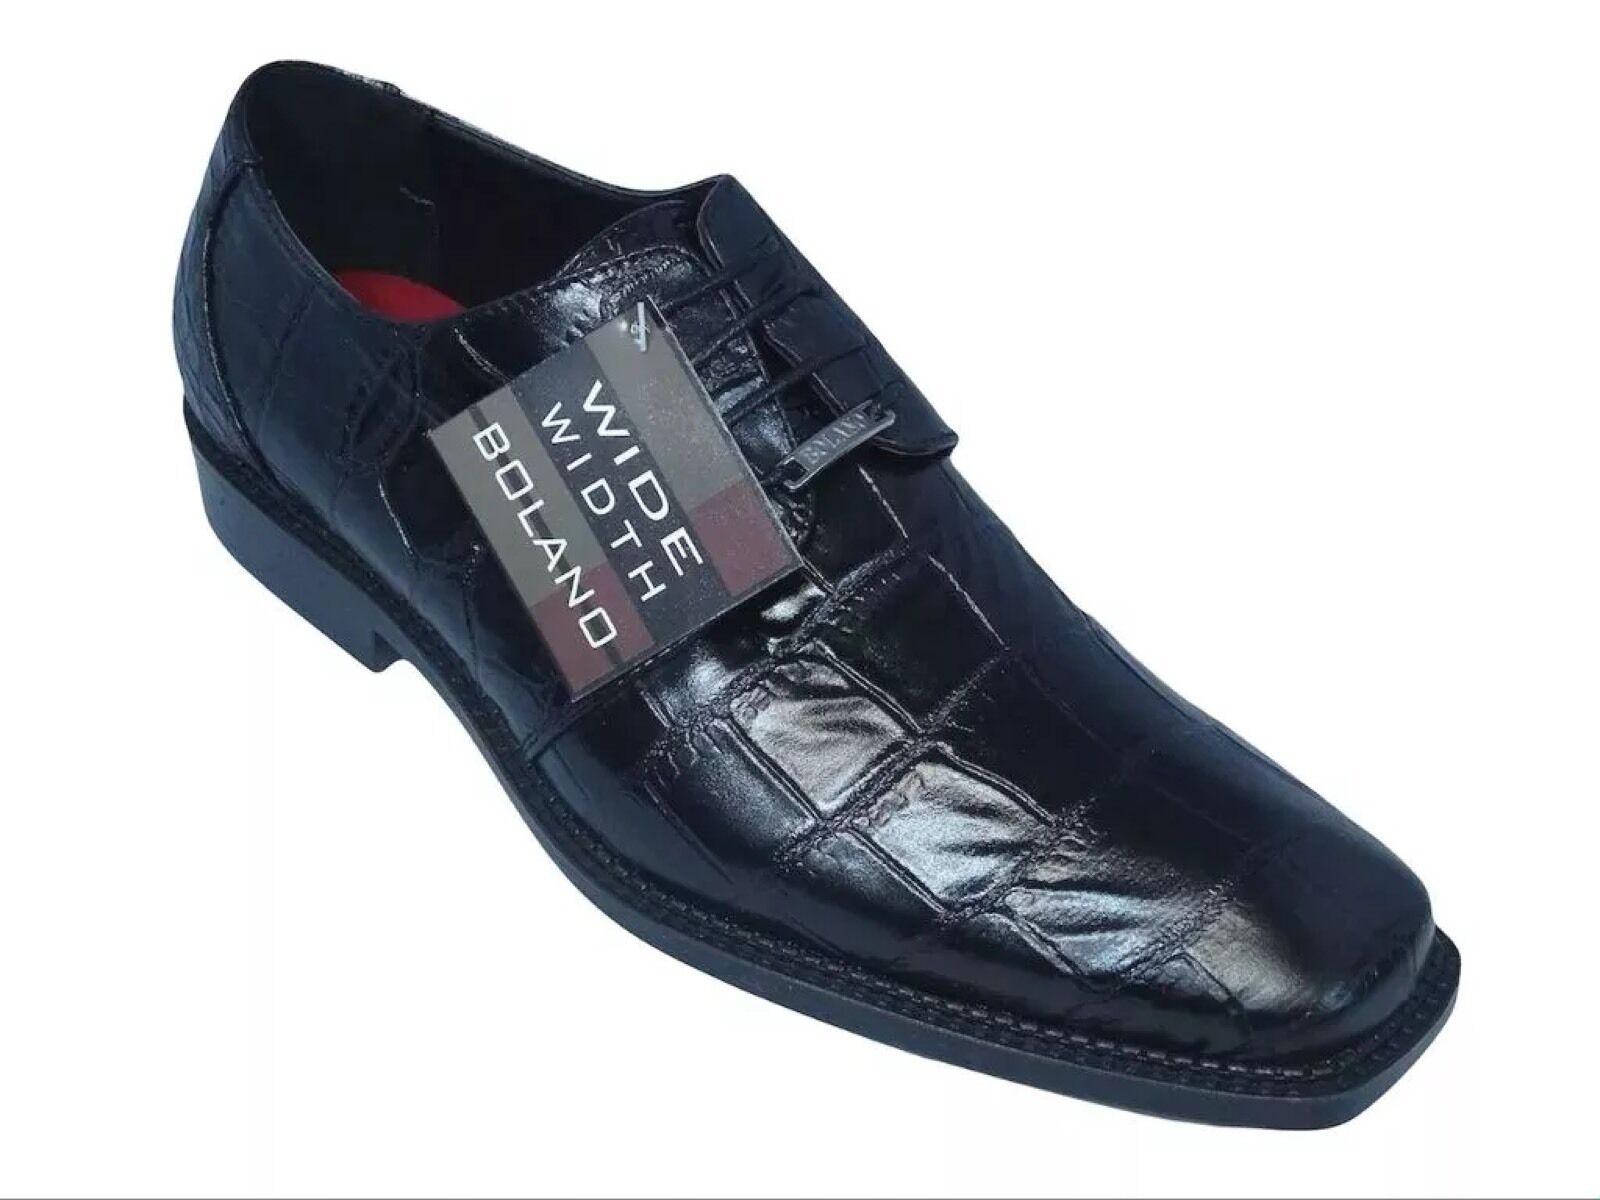 Herren Formelle Schuhe Bolano Großer Block Gator Aufdruck, Oxford, Breit Breite